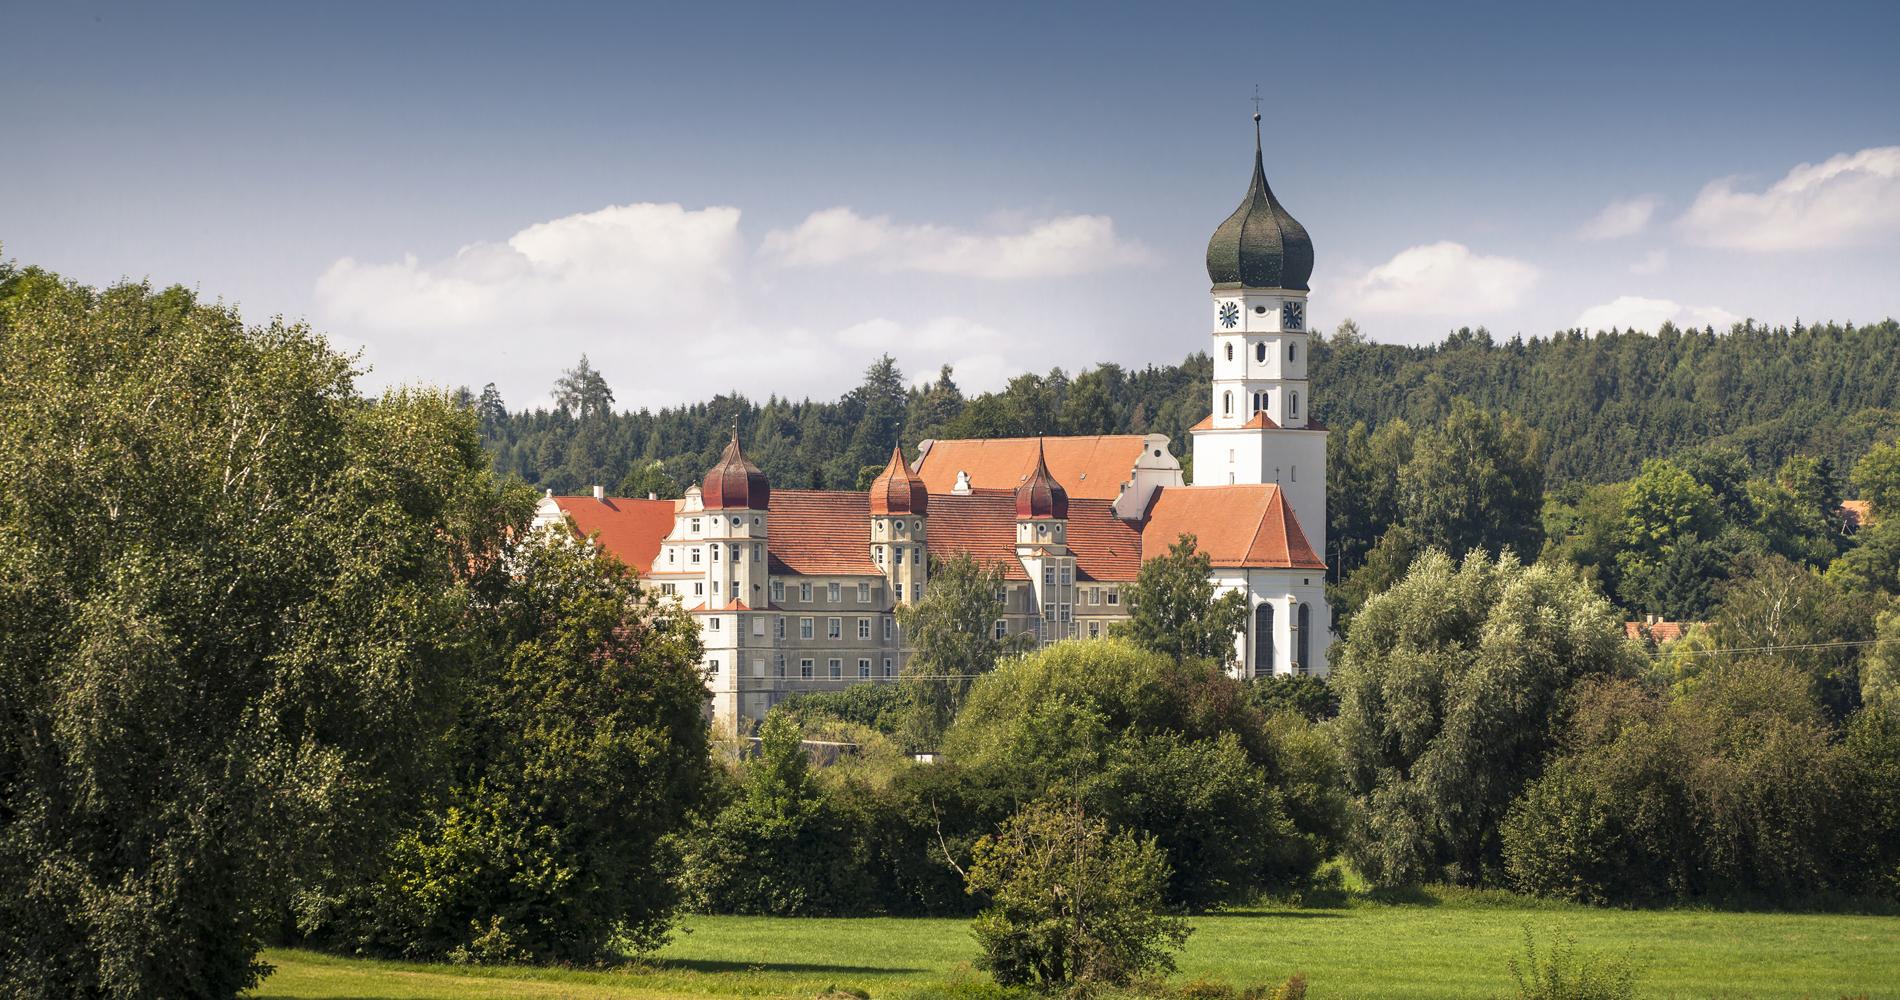 Das Kloster Wettenhausen im Kammeltal